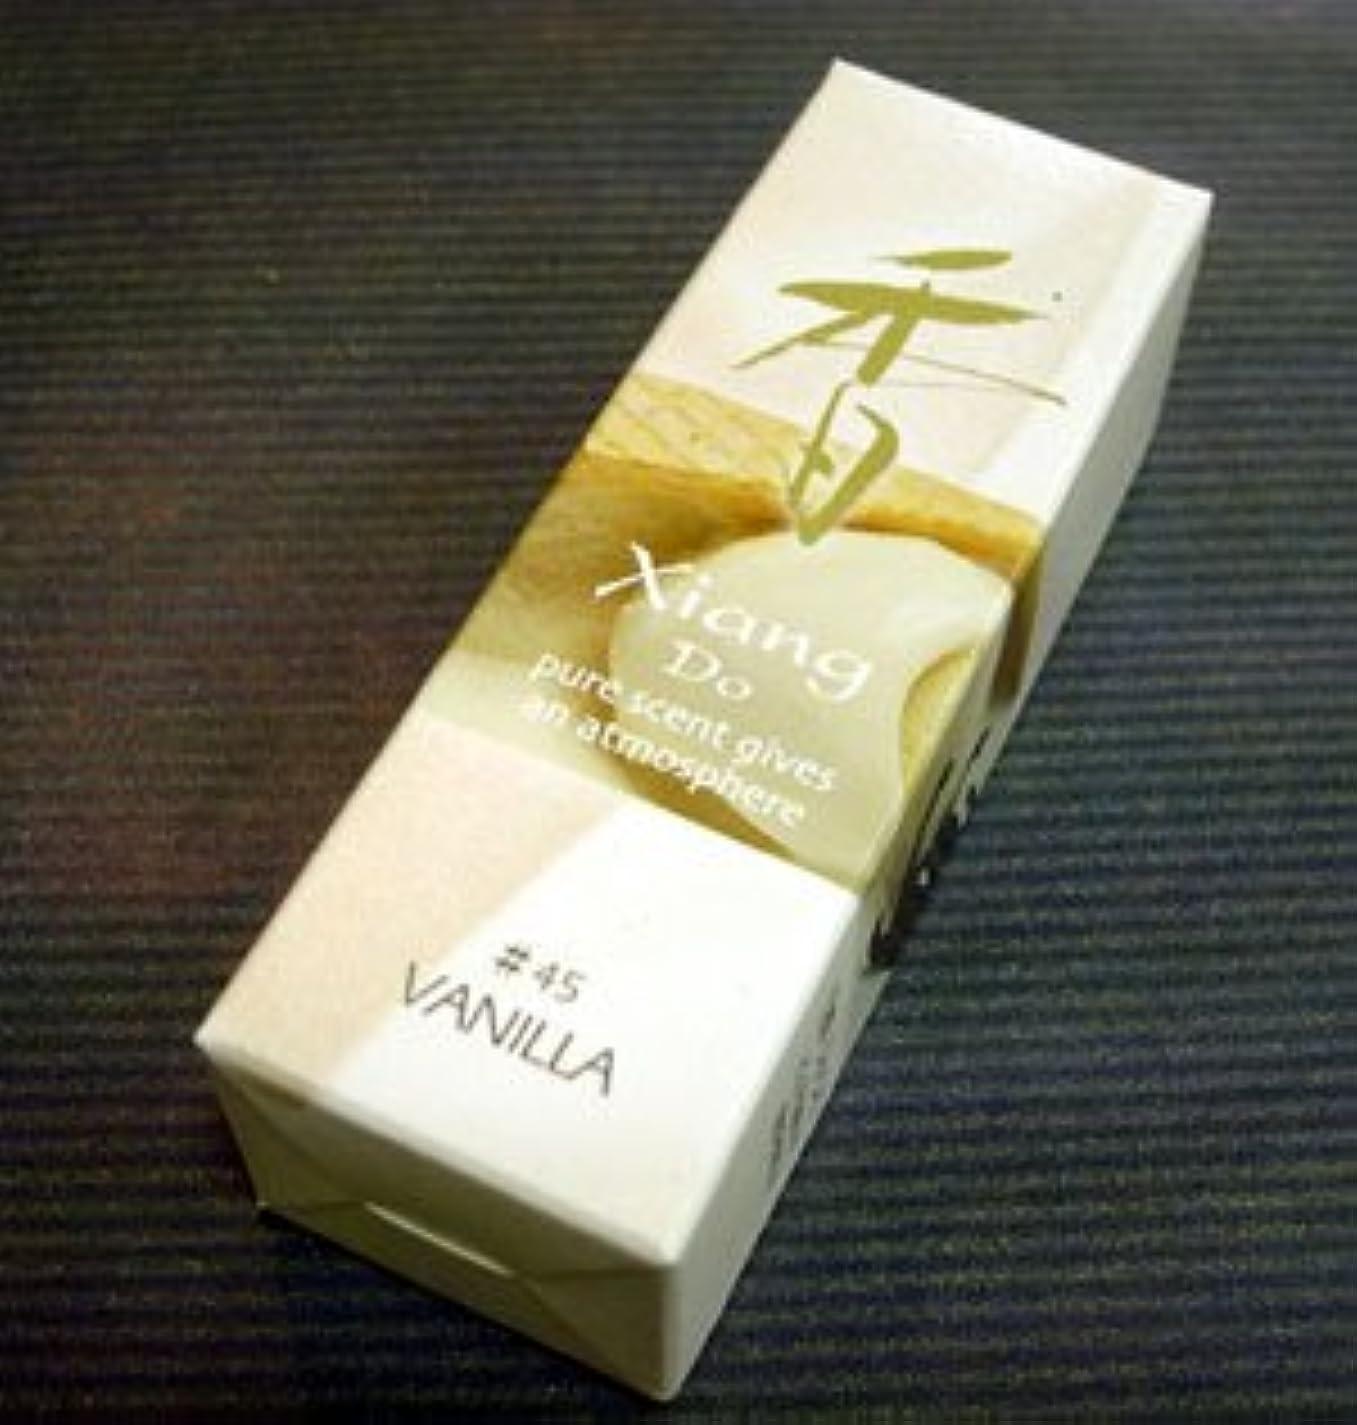 アーチ植物学ジュニアせつなく甘い思い出の香り 松栄堂【Xiang Do バニラ】スティック 【お香】